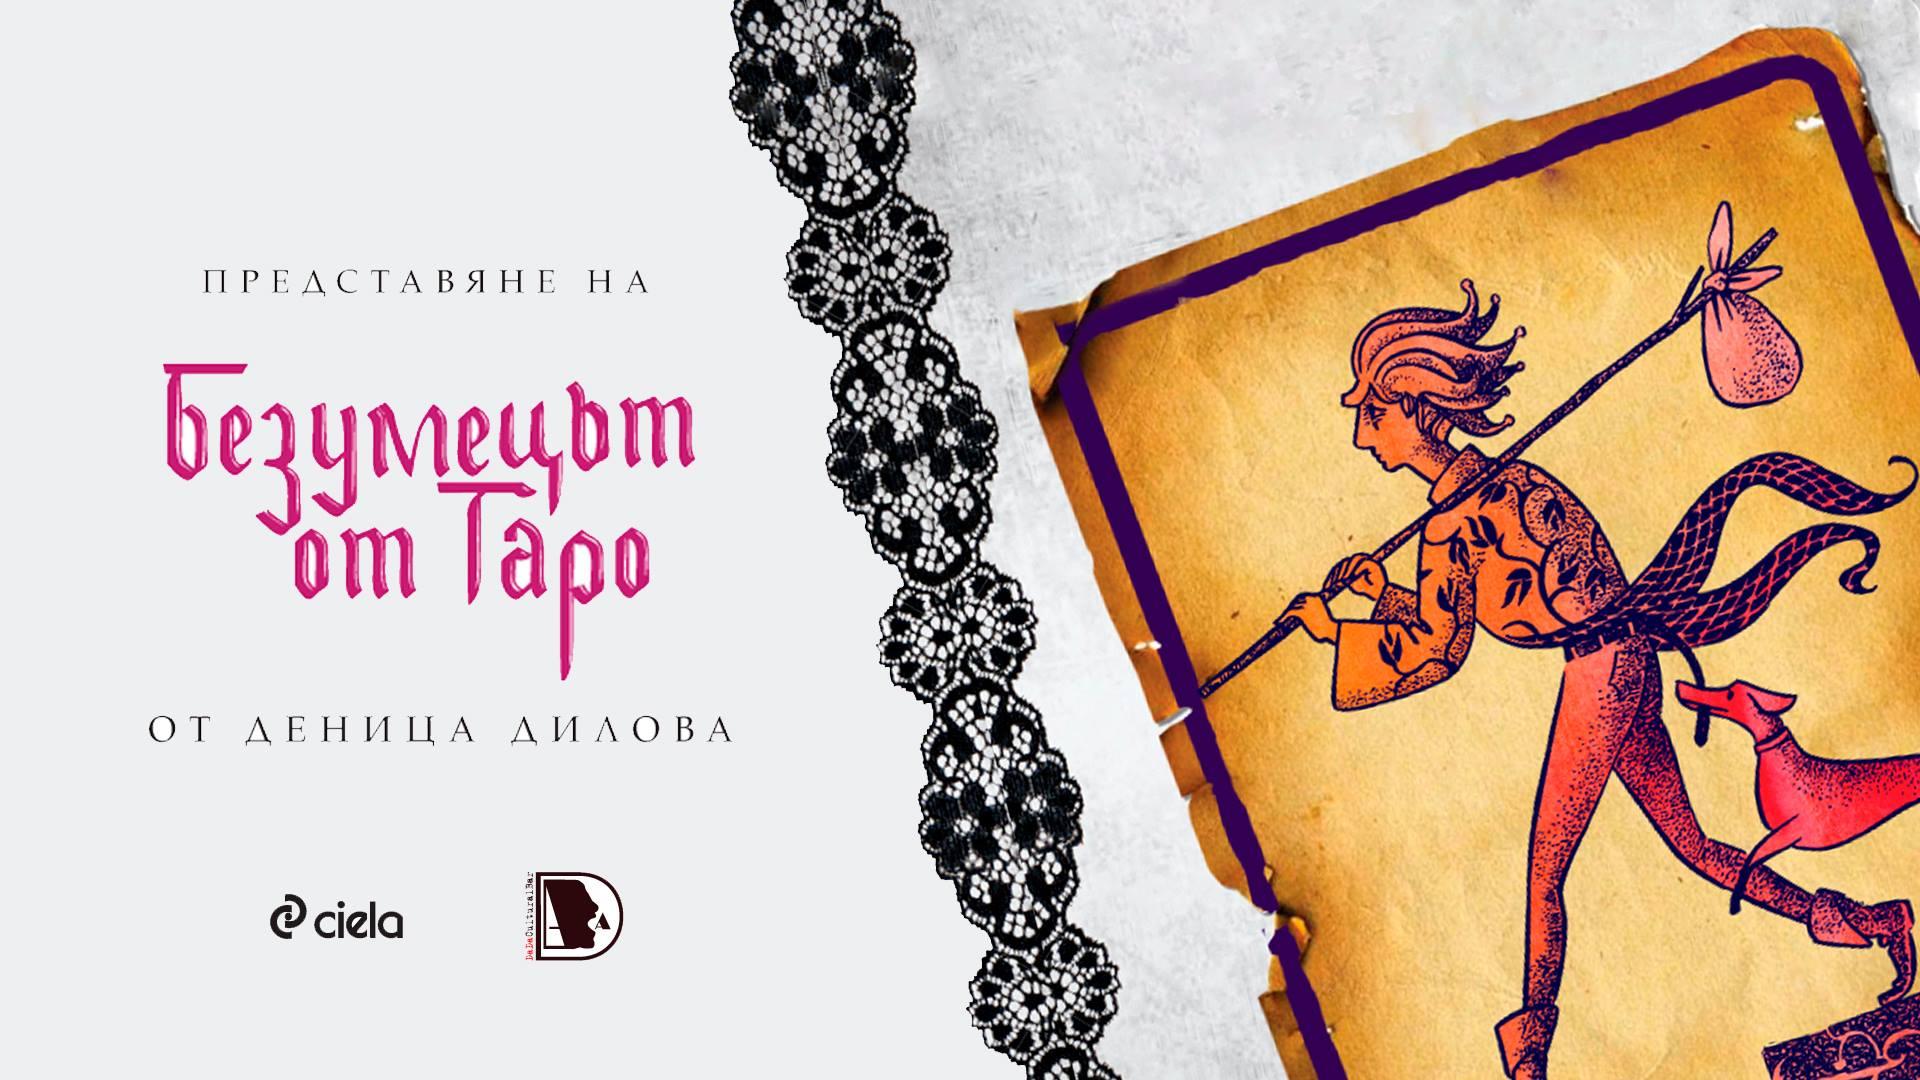 """Представяне на """"Безумецът от Таро"""" от Деница Дилова"""